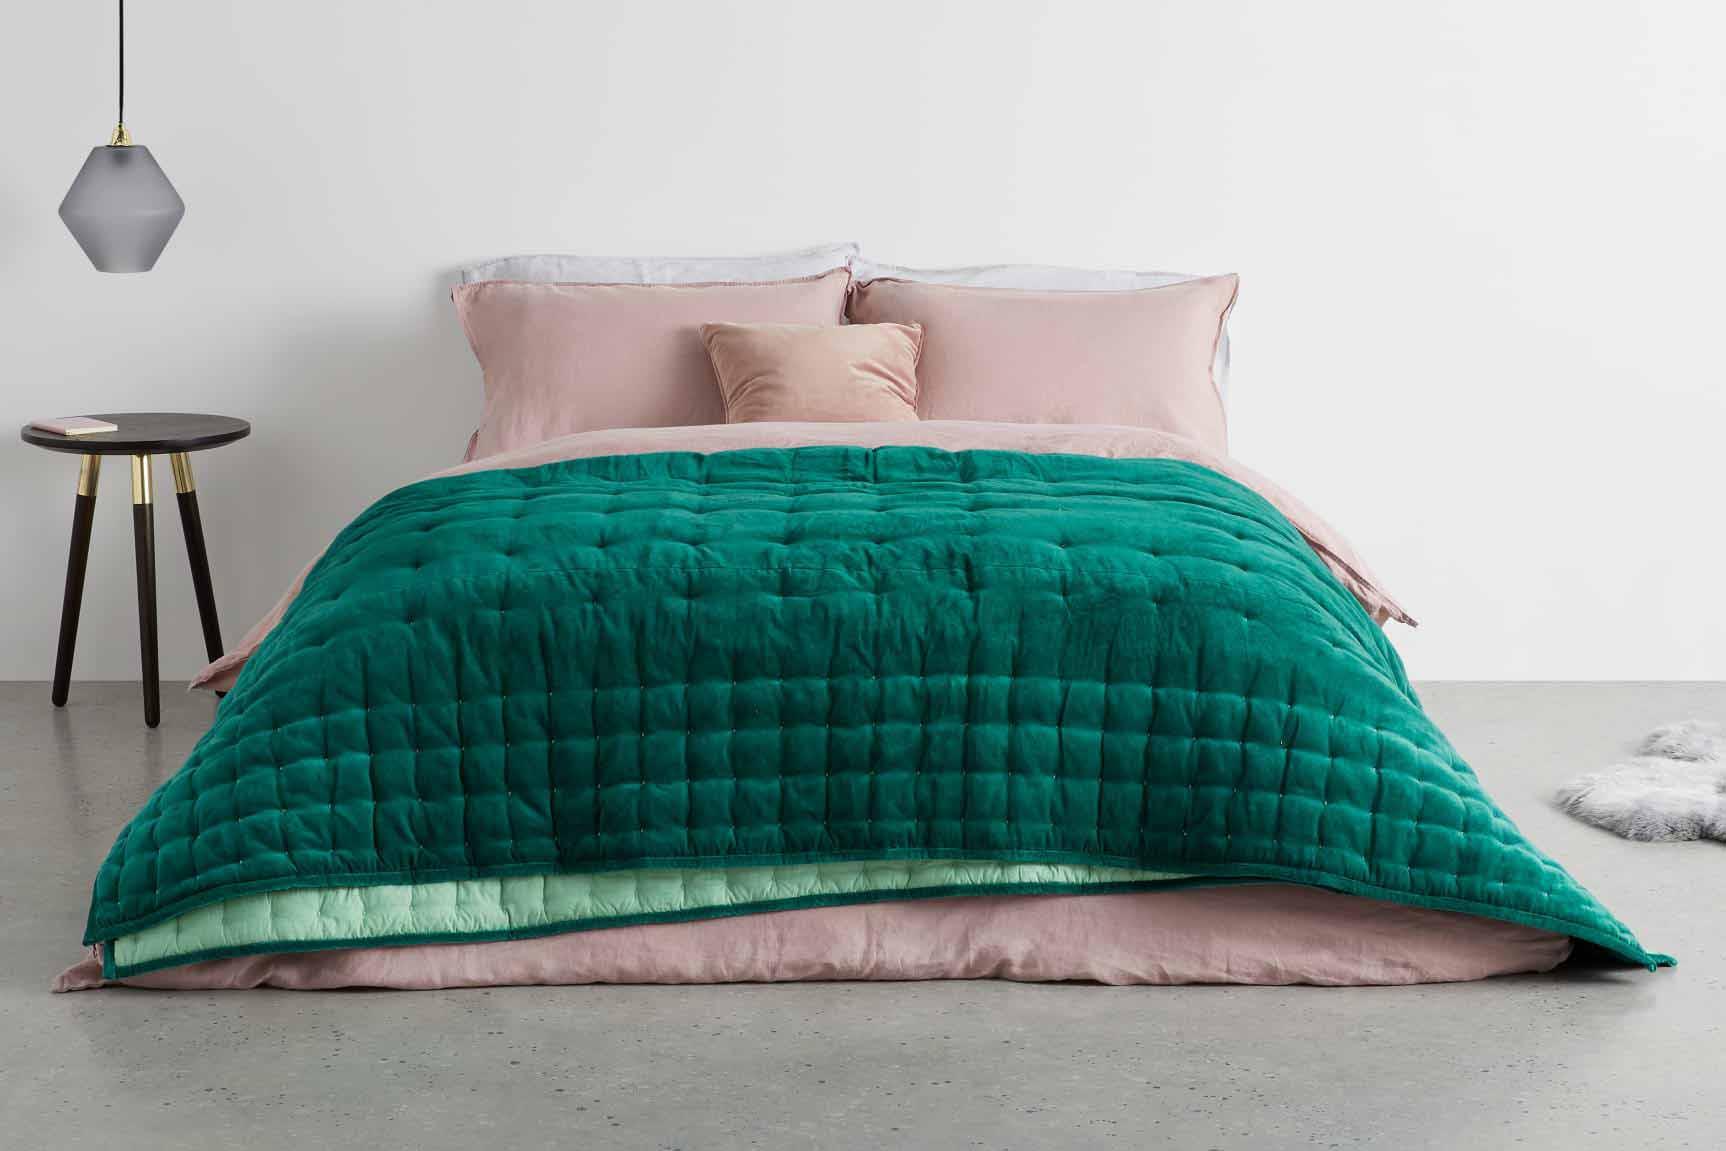 جنس پارچه روتختی پنبه ای با رنگ سبز و صورتی